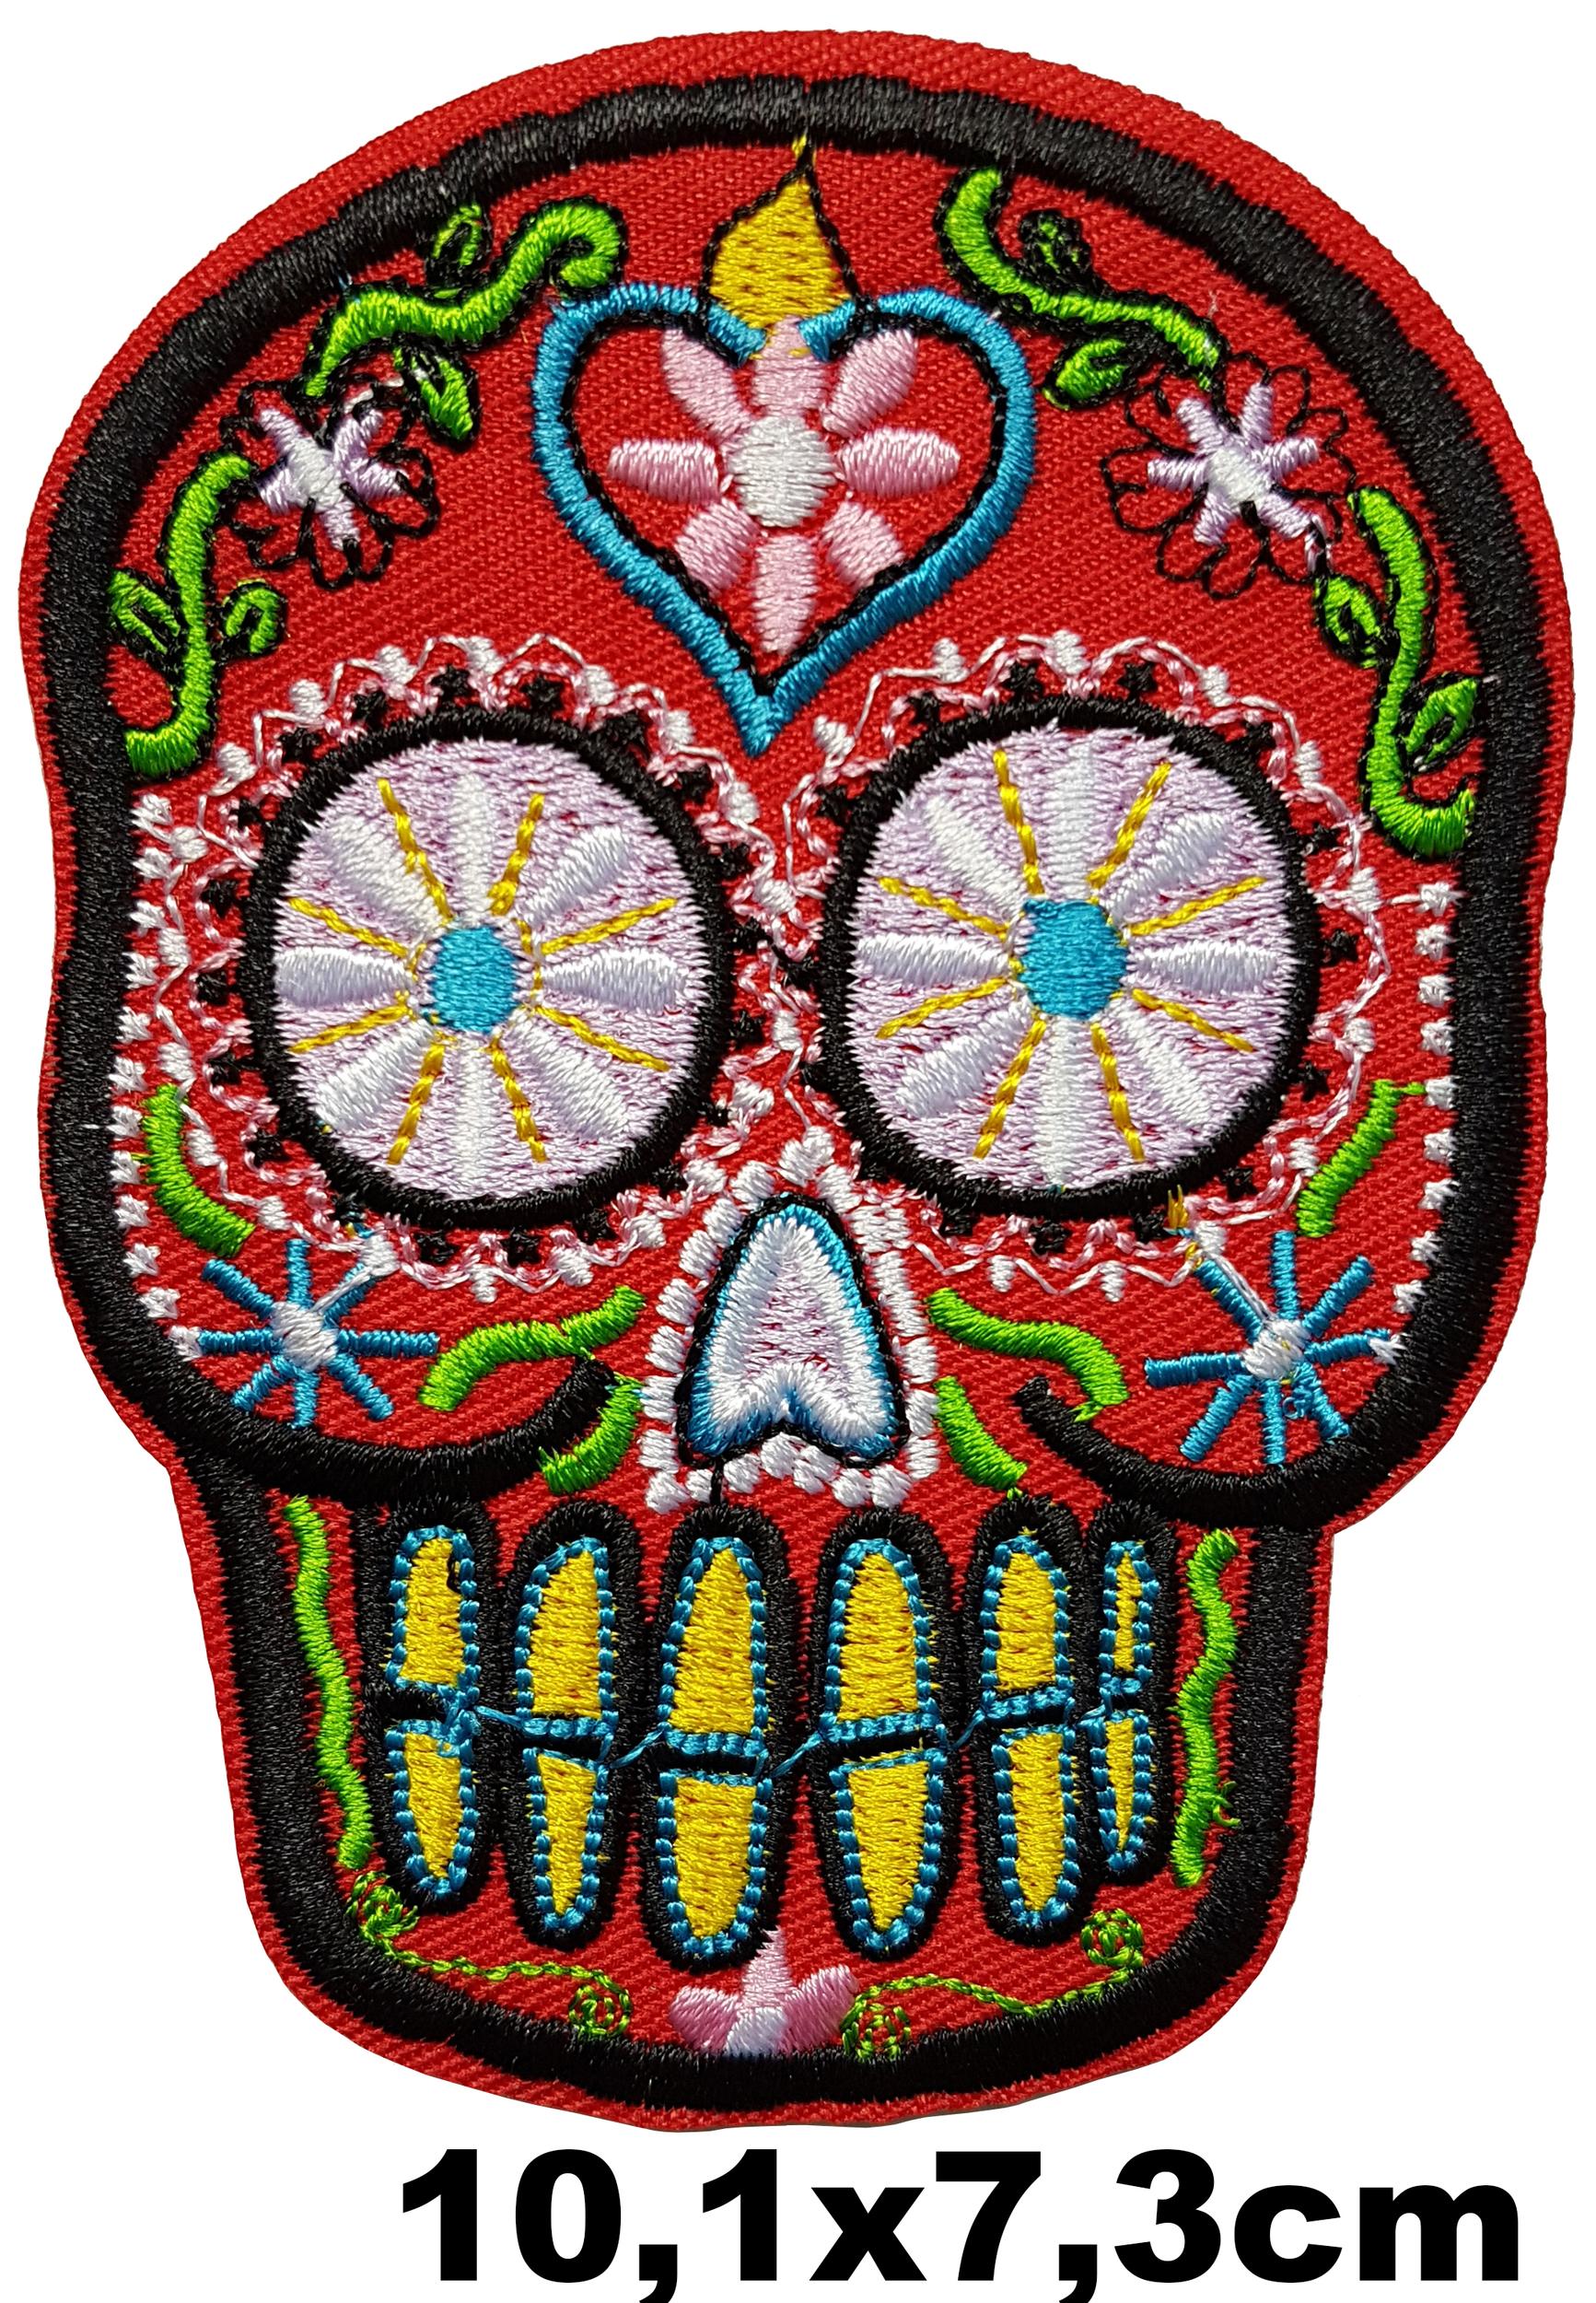 Patch thermocollant tête de mort mexicaine rouge yeux fleurs dents jaunes